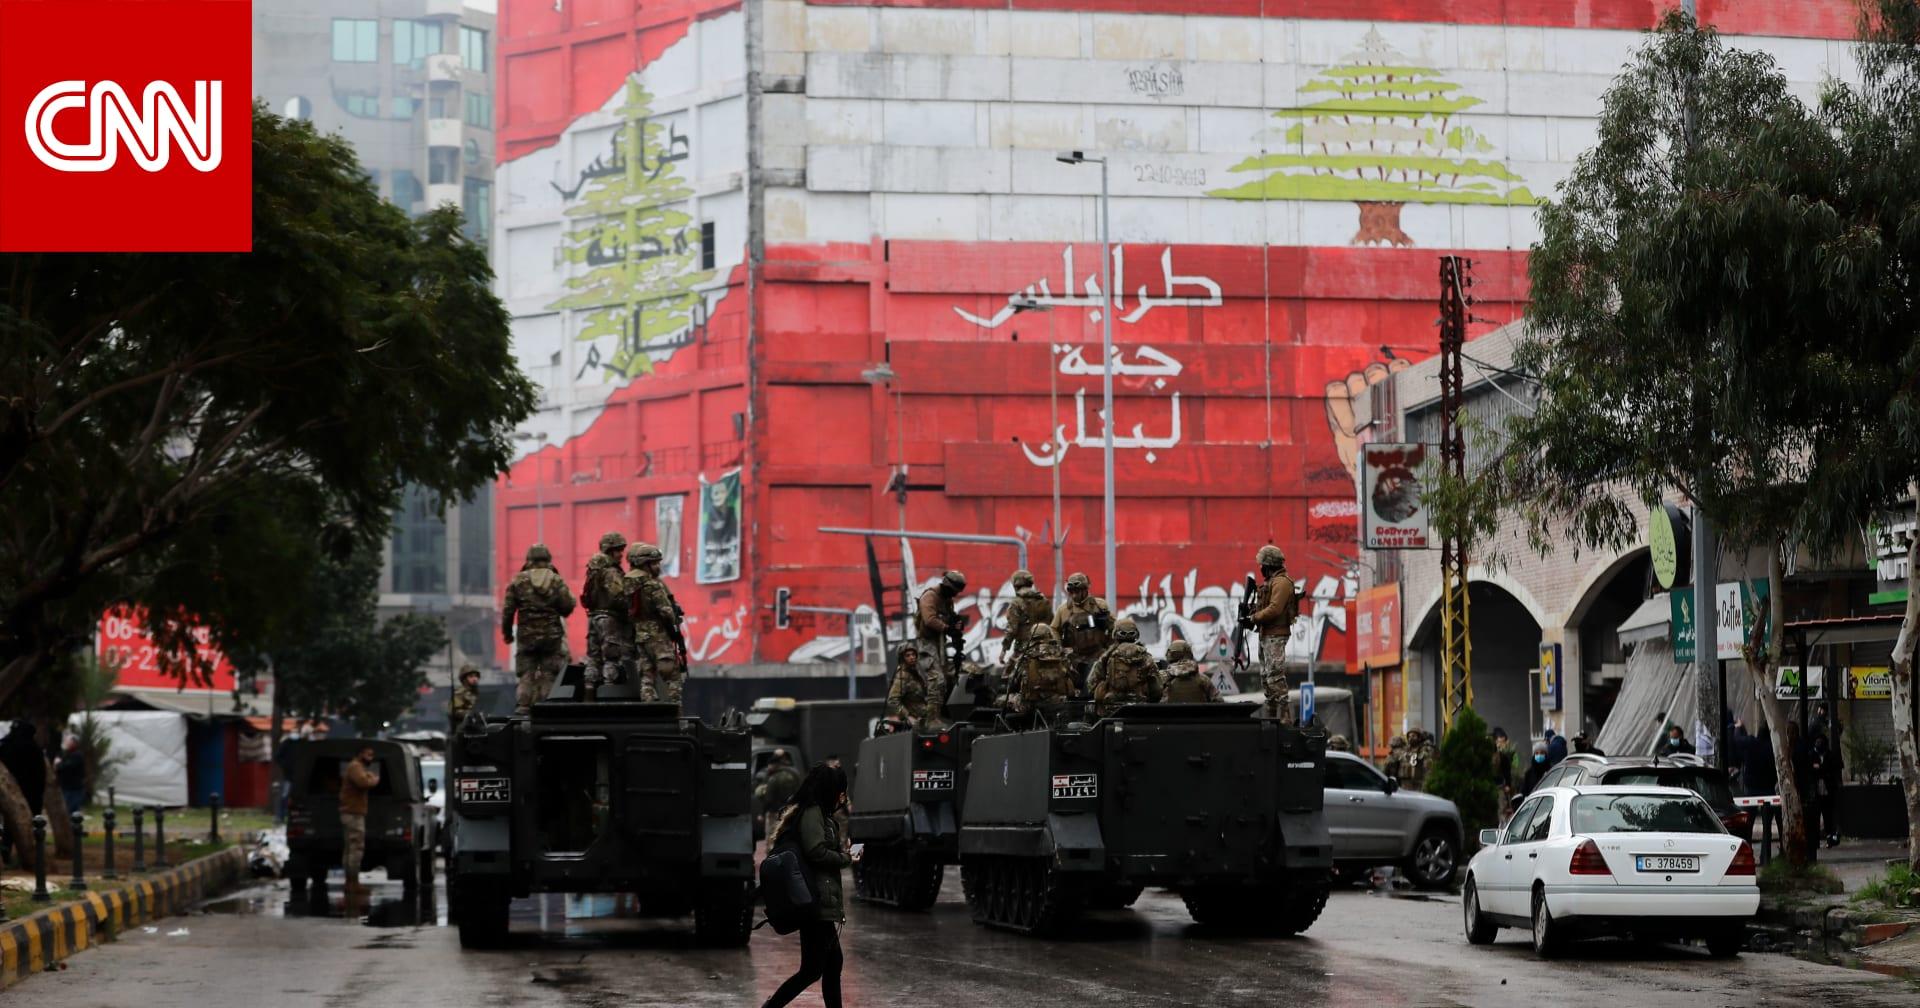 """بشار جرار يكتب عن إرهاصات تغيير قد يبدأ من لبنان أو تونس: الربيع العربي والضربات """"الشبحية"""""""